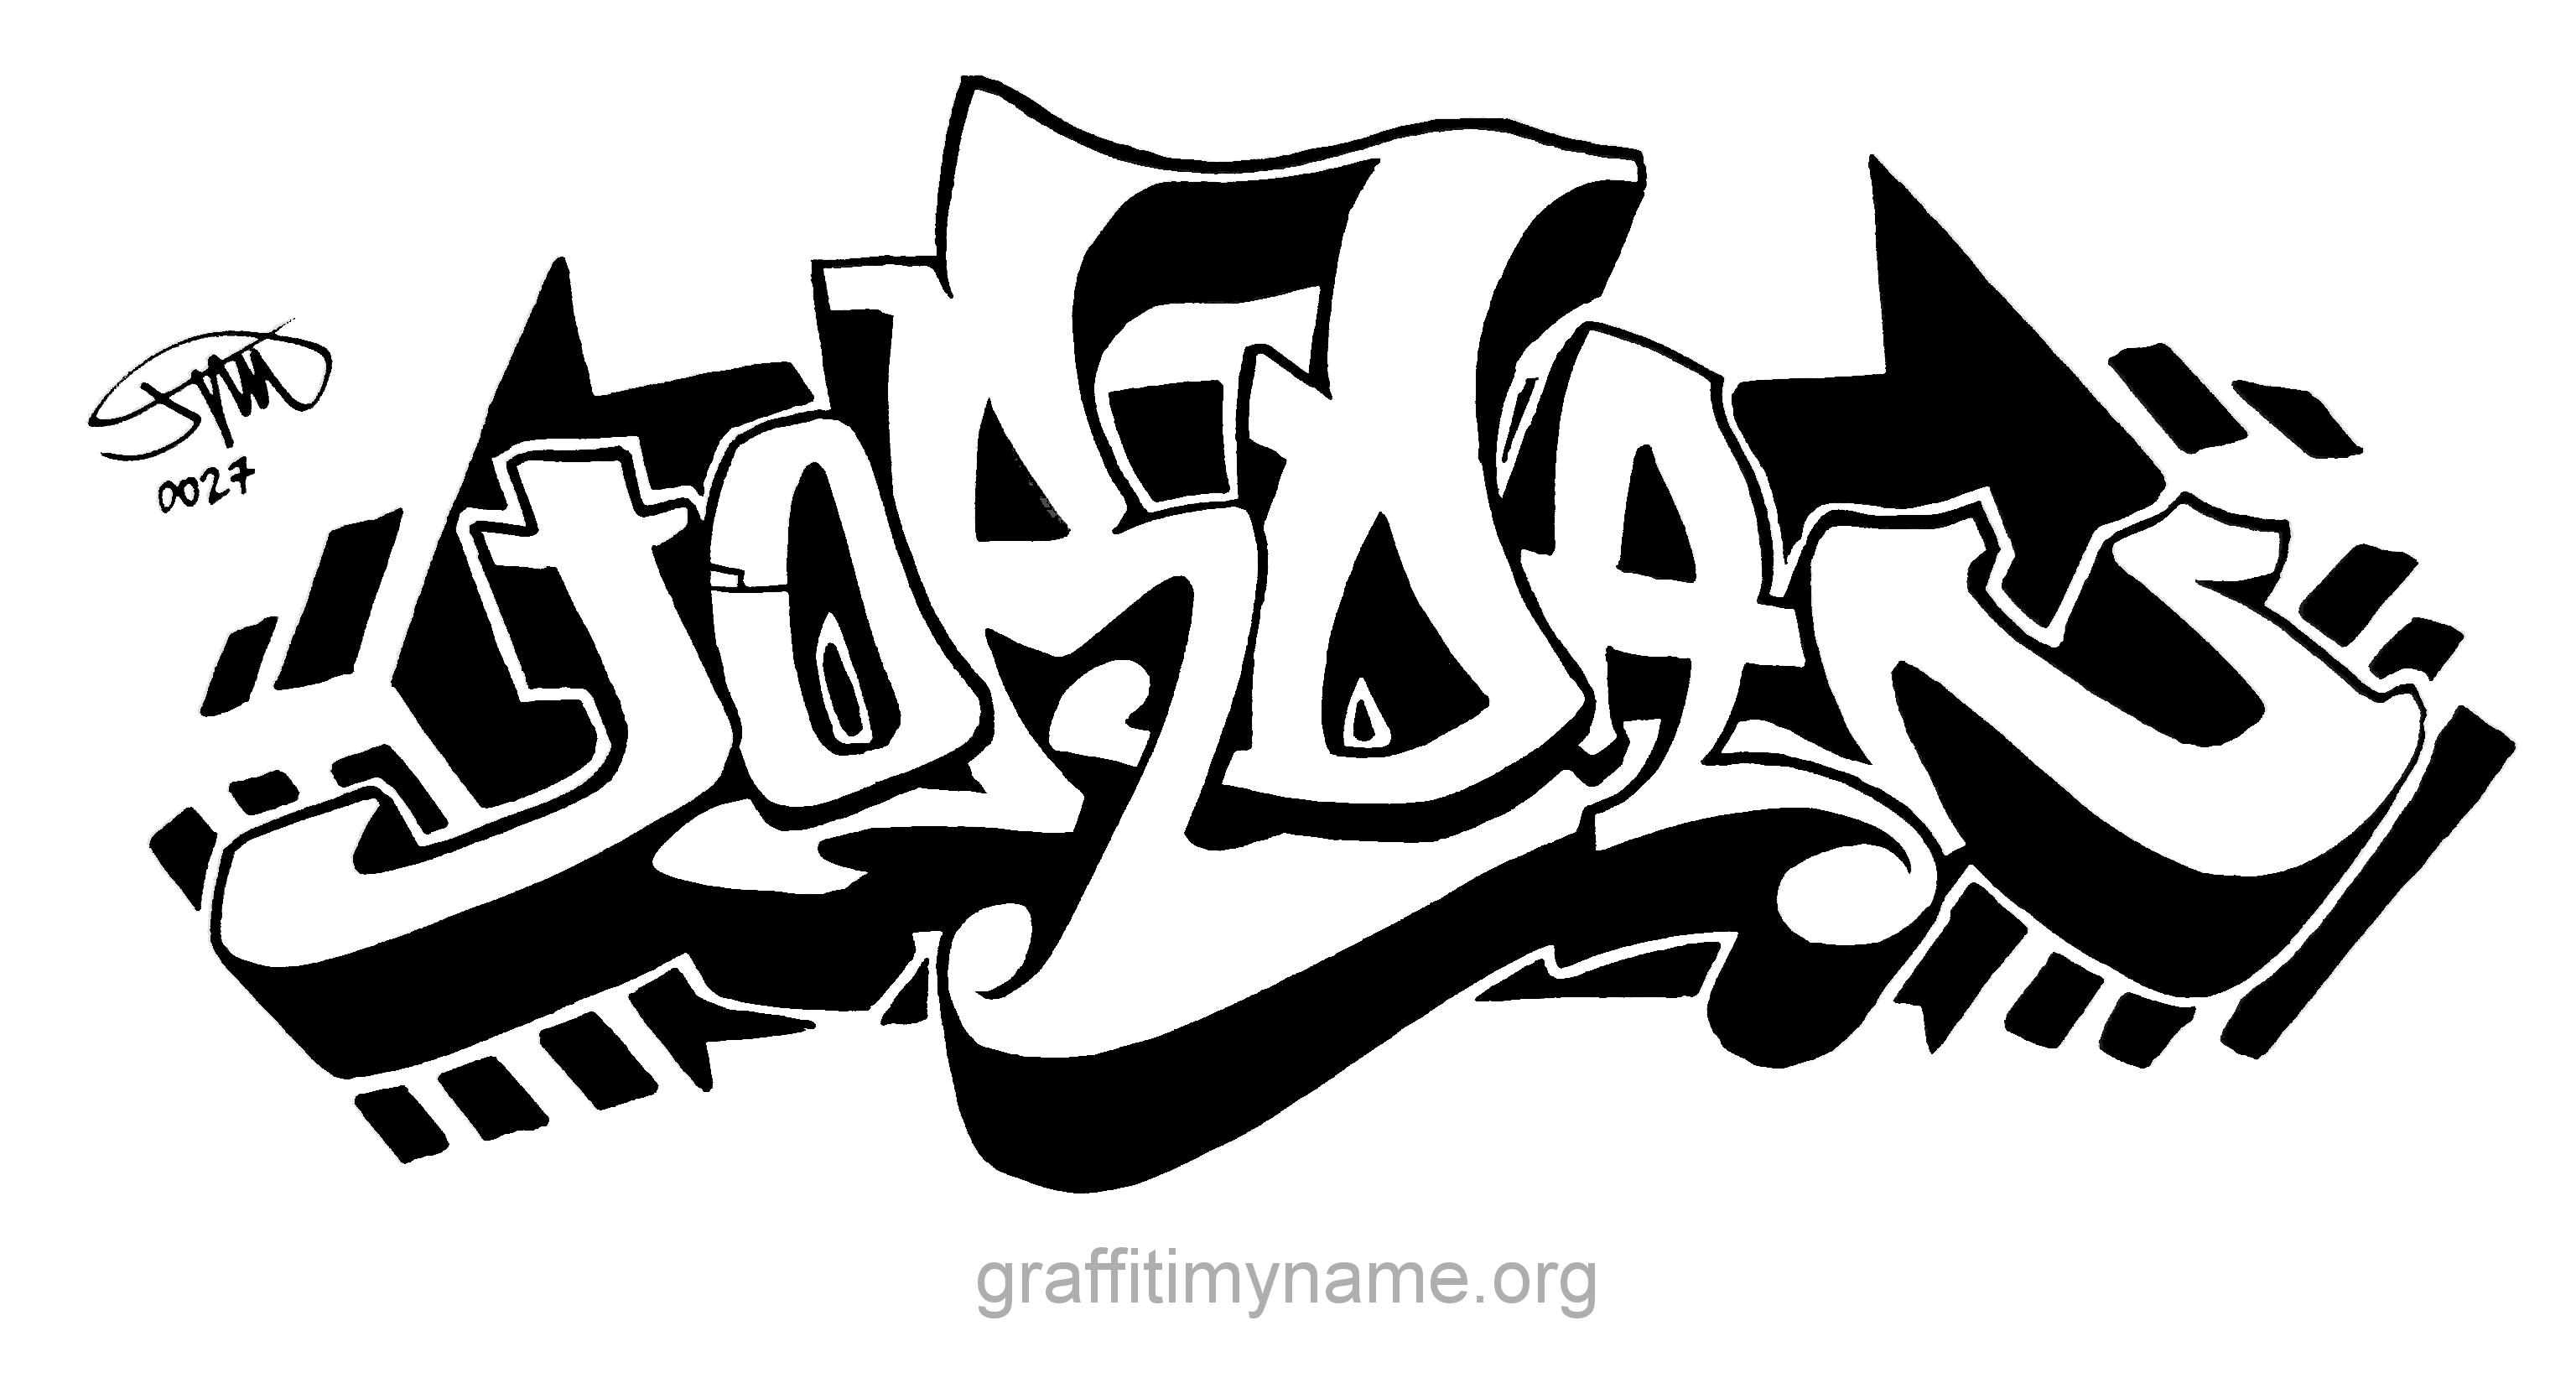 Jordan Hand Drawn Graffiti Style Graffiti Lettering Alphabet Easy Graffiti Letters Graffiti Text